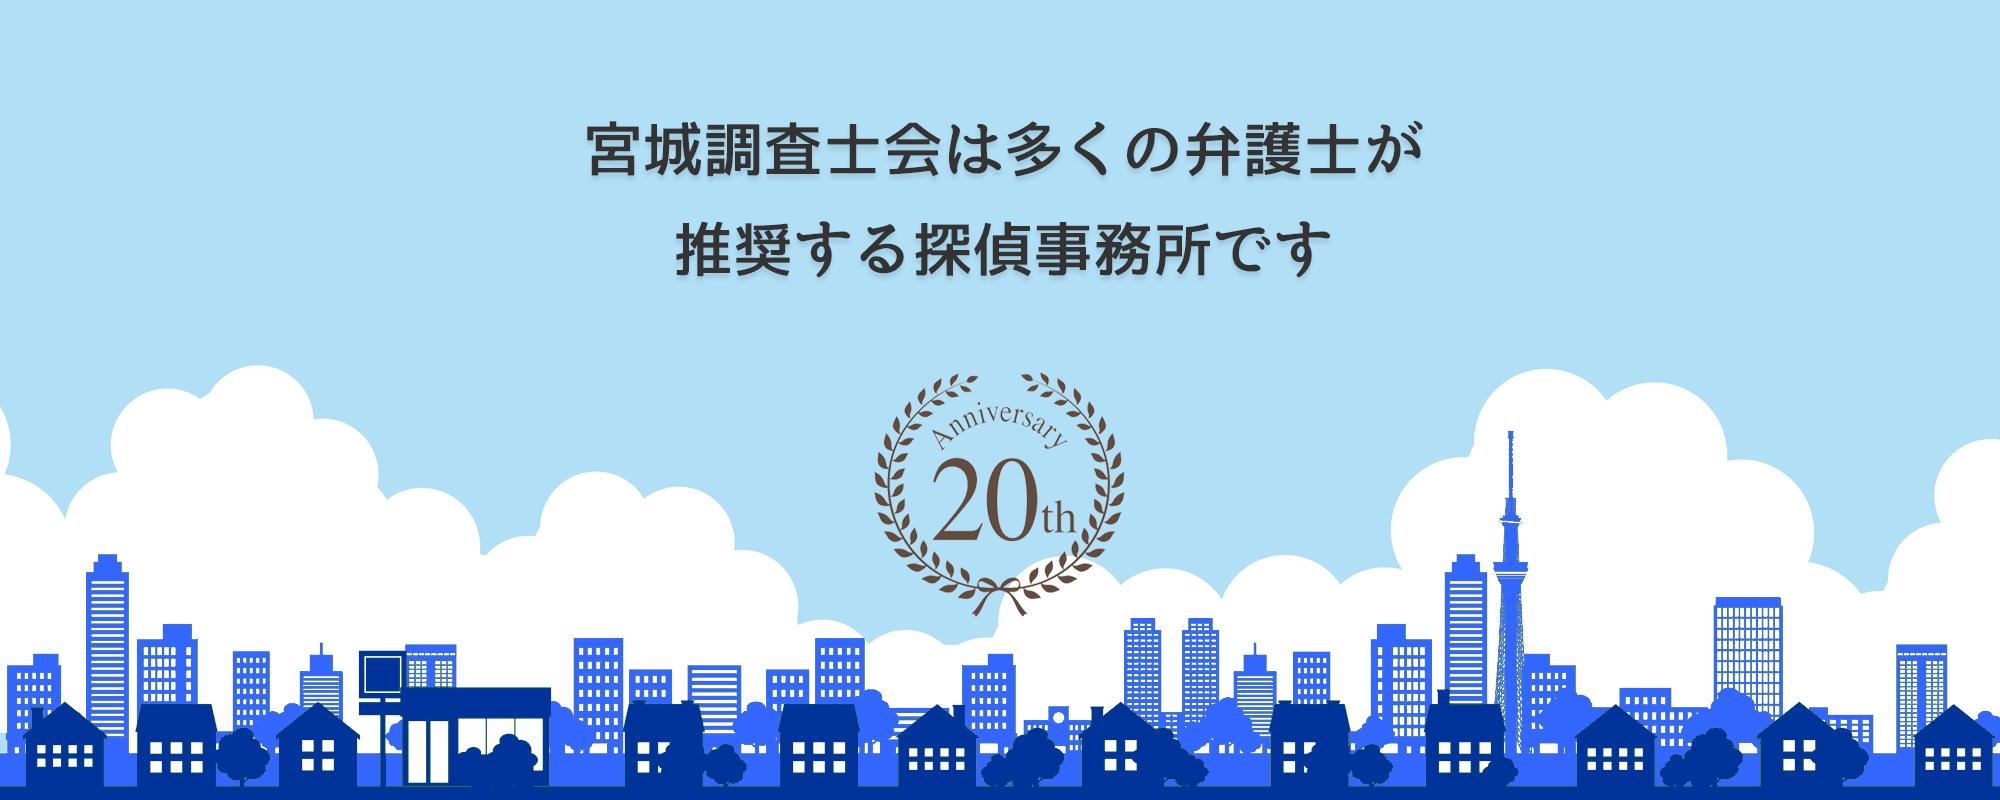 宮城相談室は多くの弁護士事務所に推奨されています。